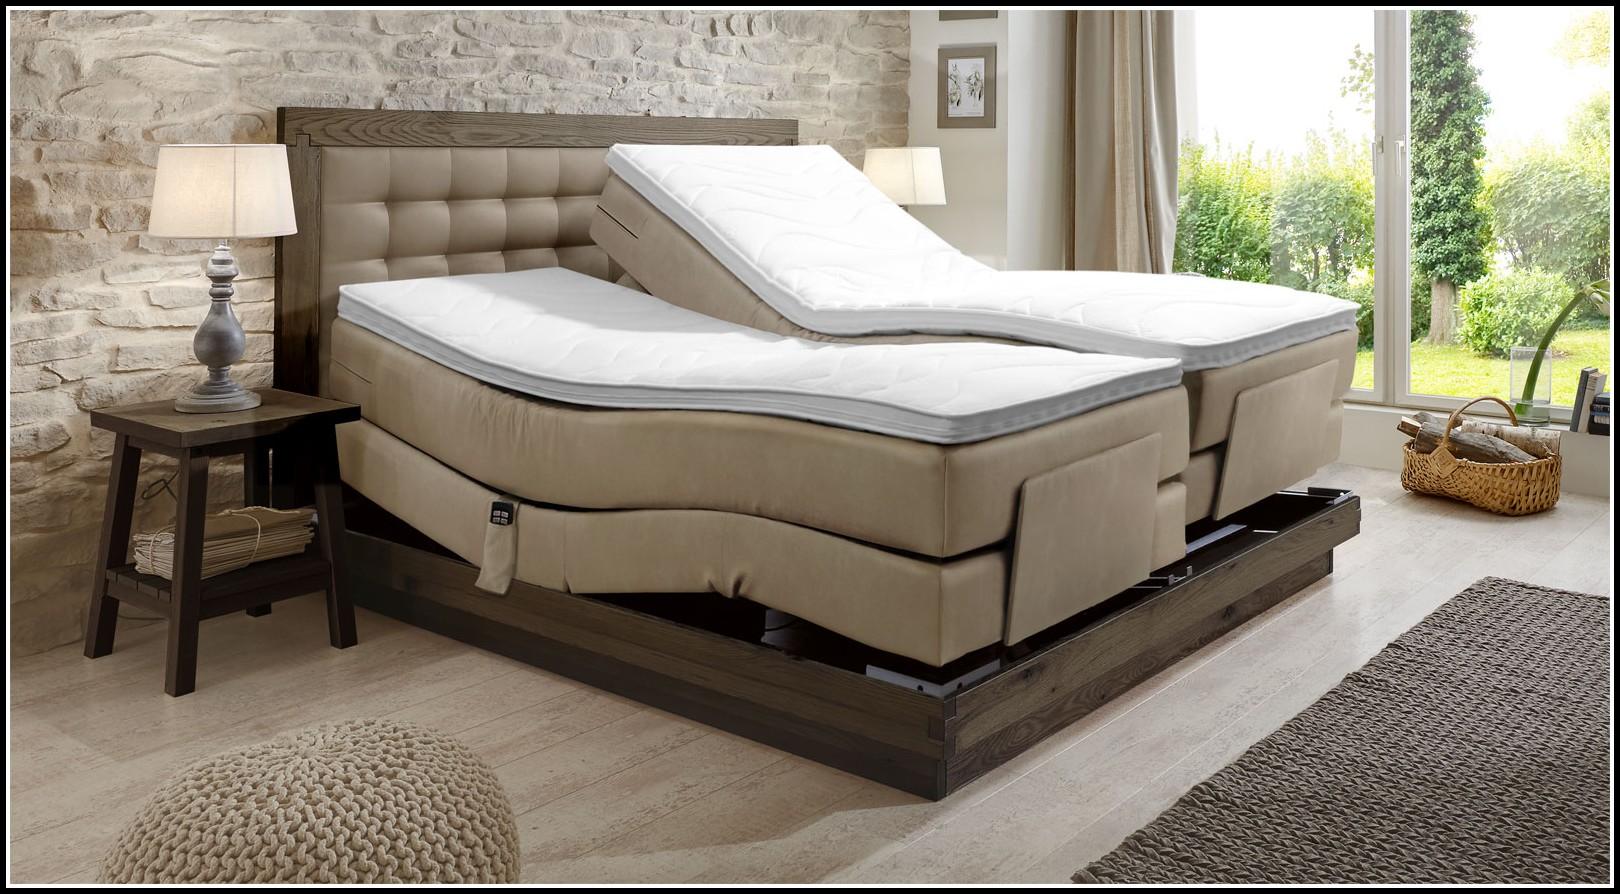 bett auf rechnung kaufen betten house und dekor galerie qx1aqdp1k0. Black Bedroom Furniture Sets. Home Design Ideas